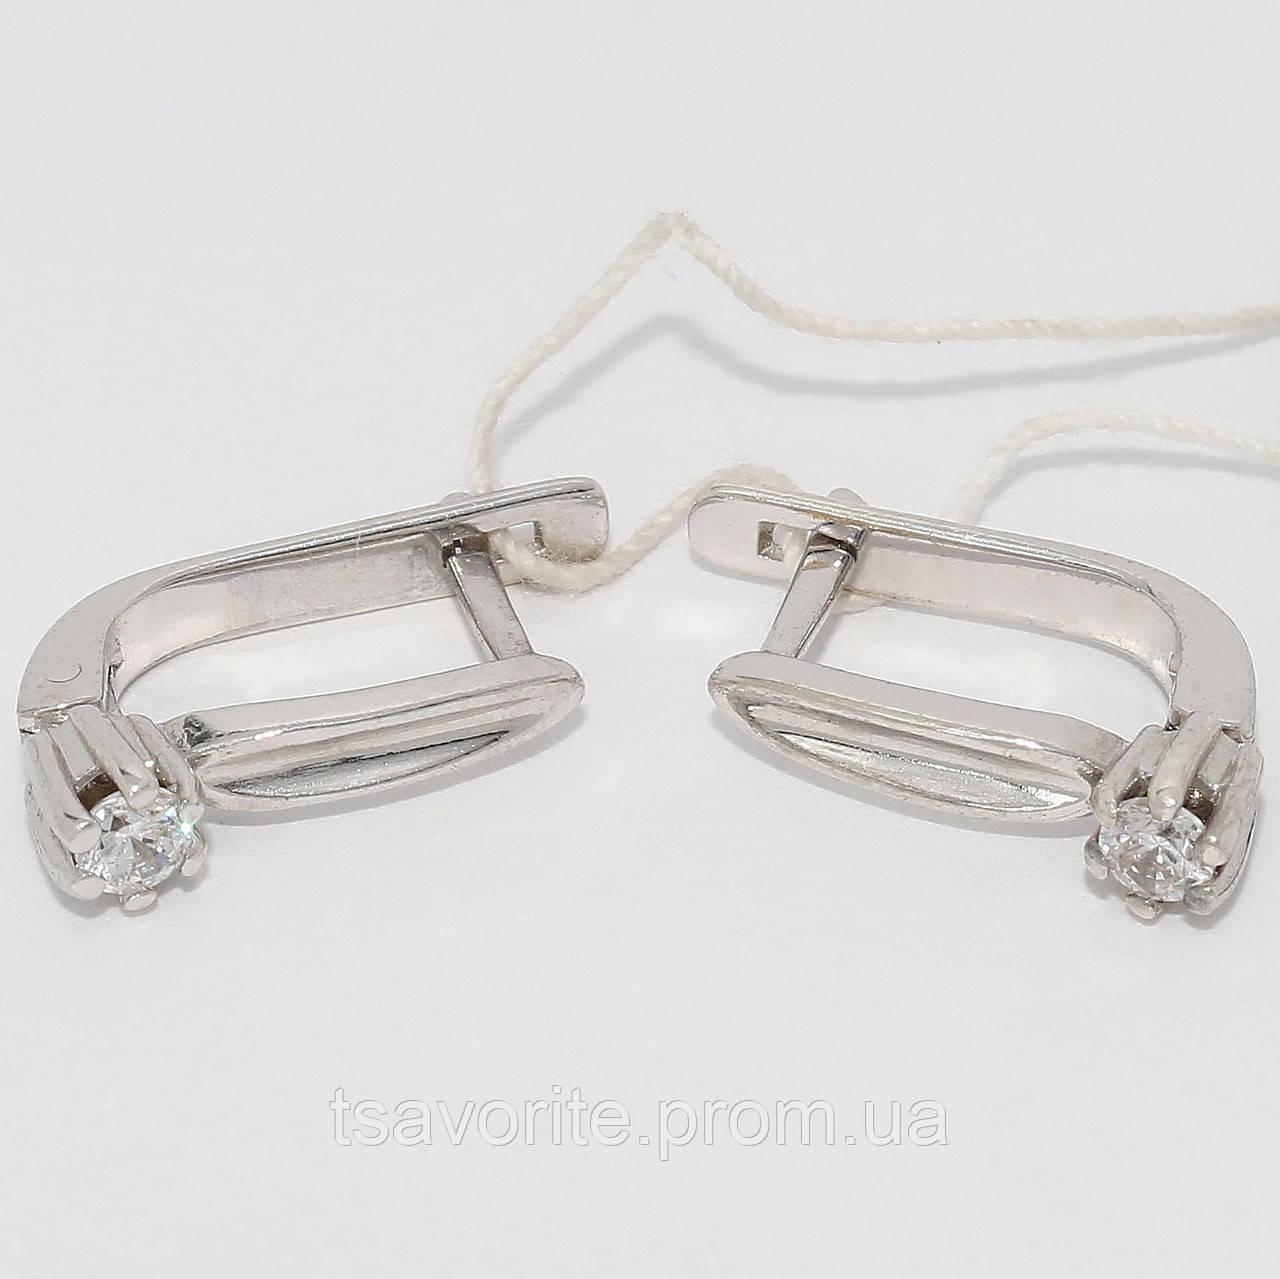 Серебряные серьги 32КН